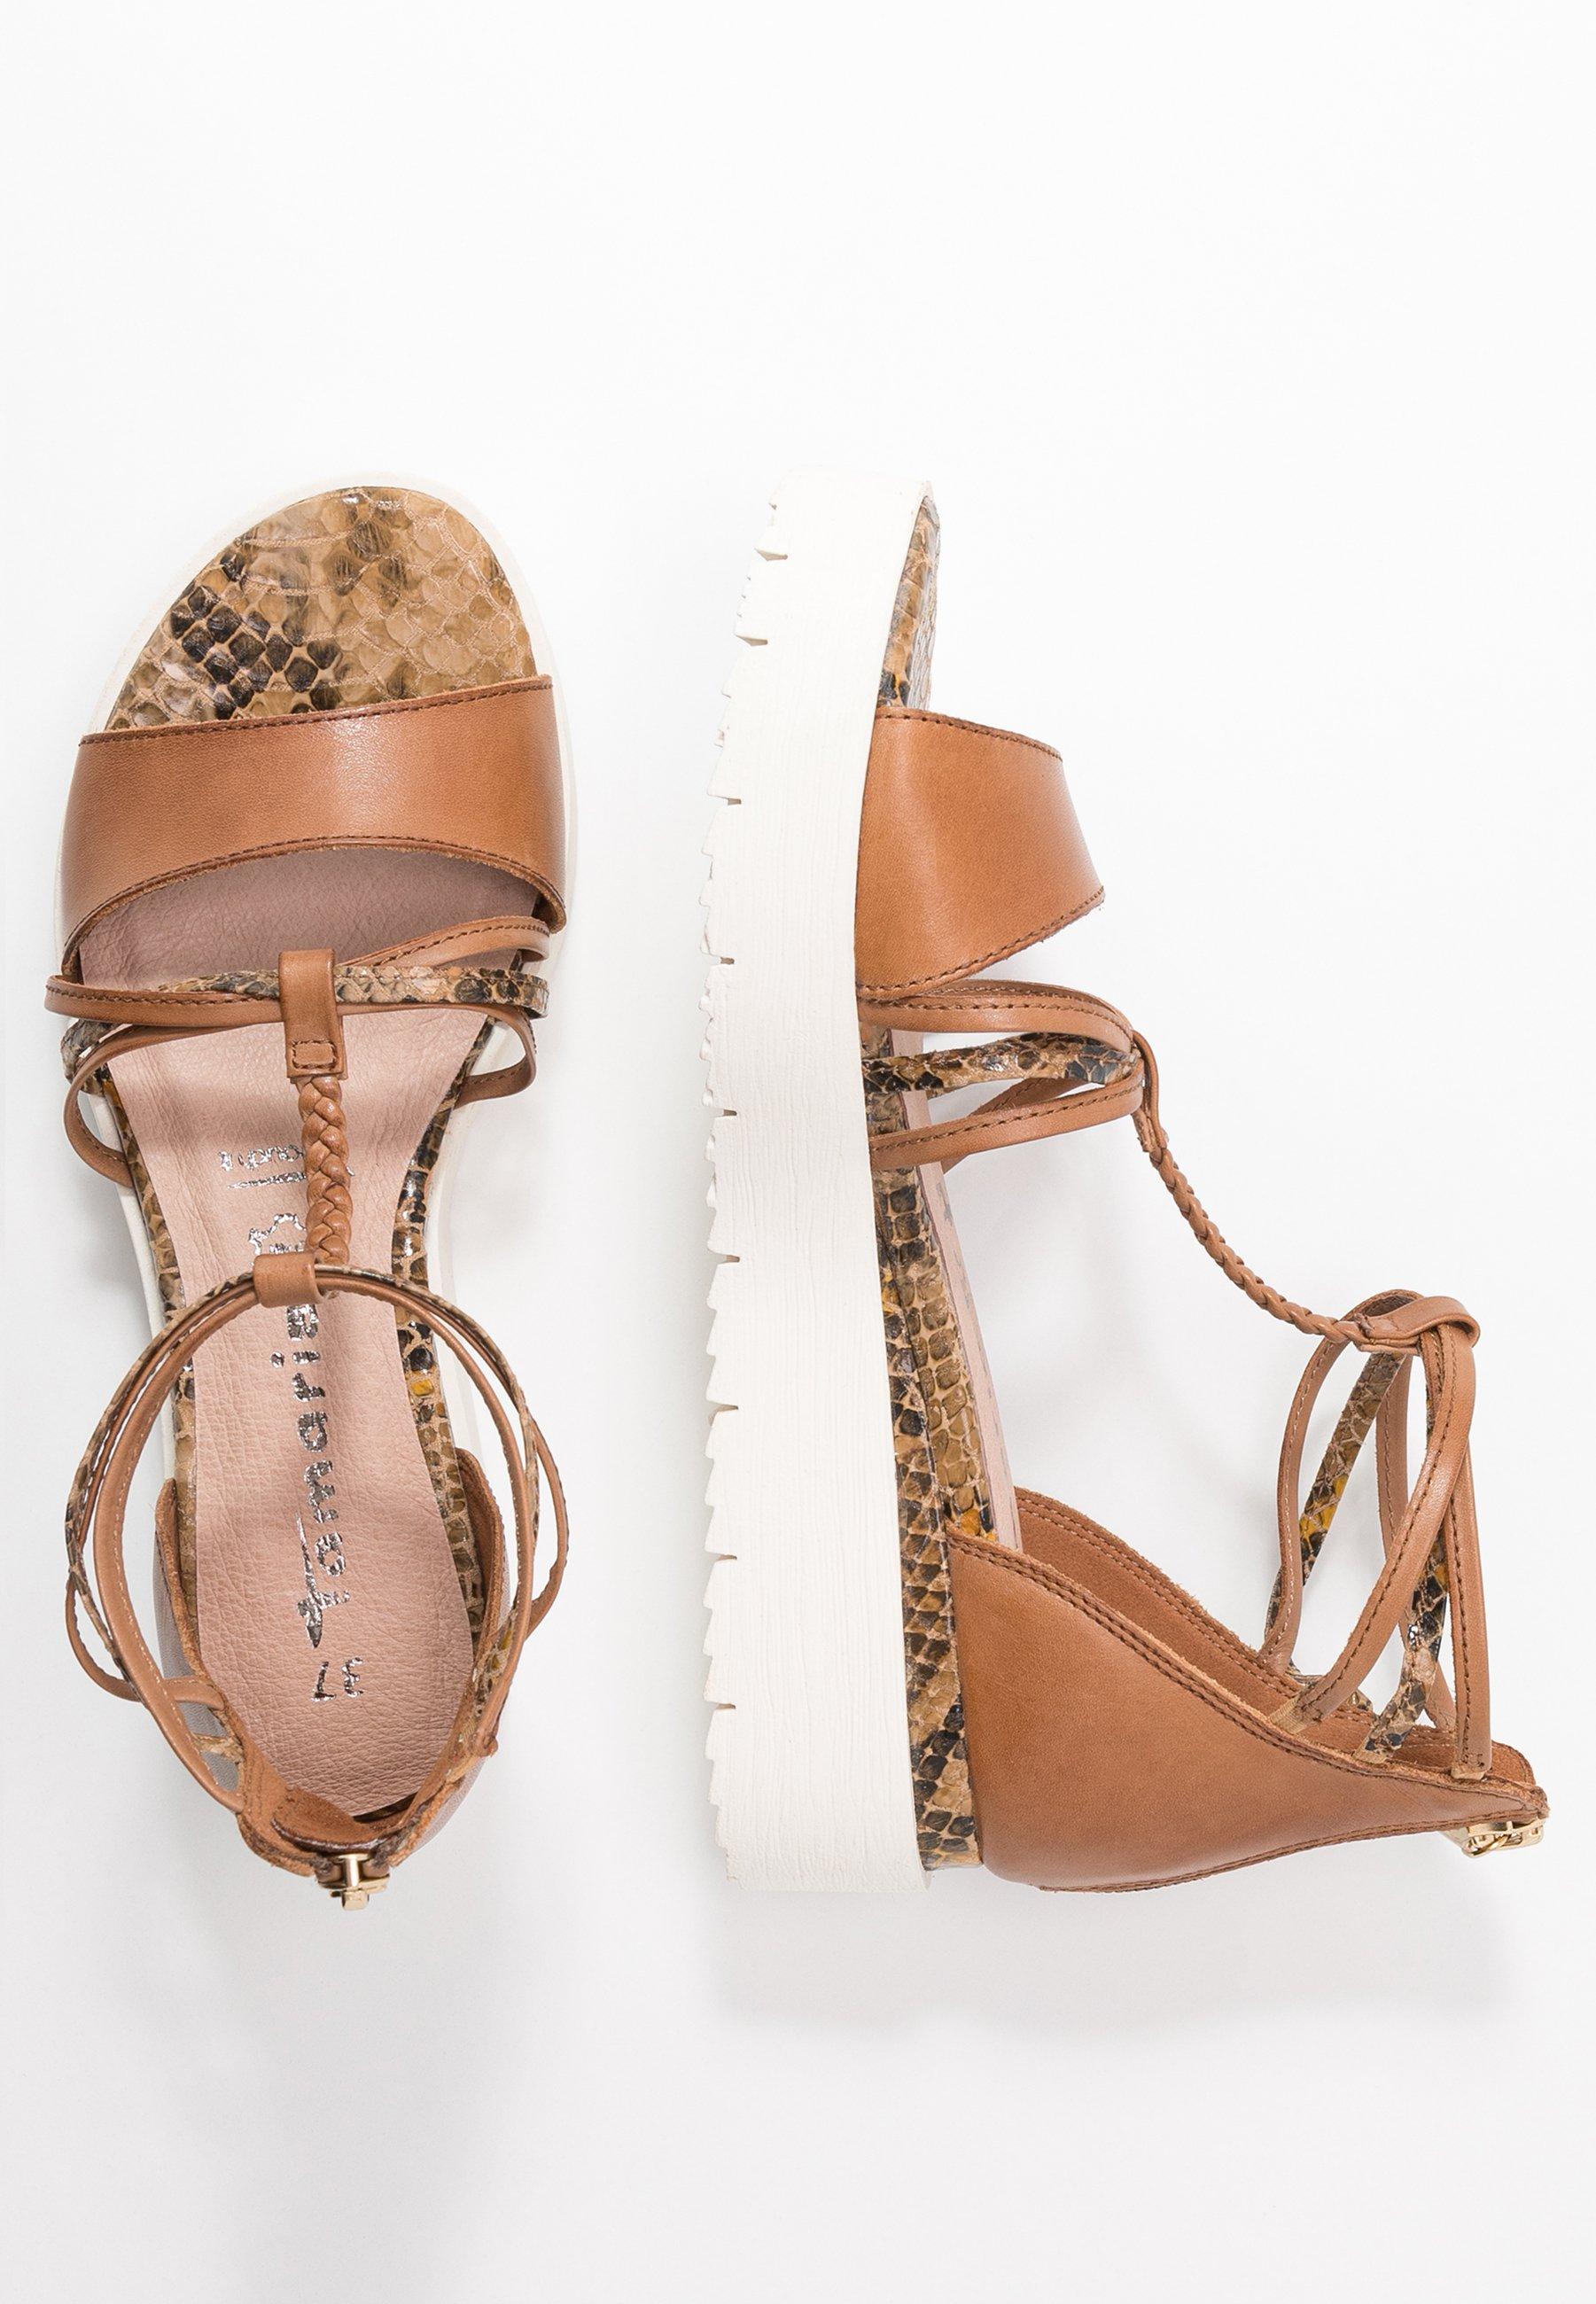 NOUVEAU TAMARIS Chaussures Femmes Plateforme-Sandales Sandale Cuir Sandale Chaussures Escarpins